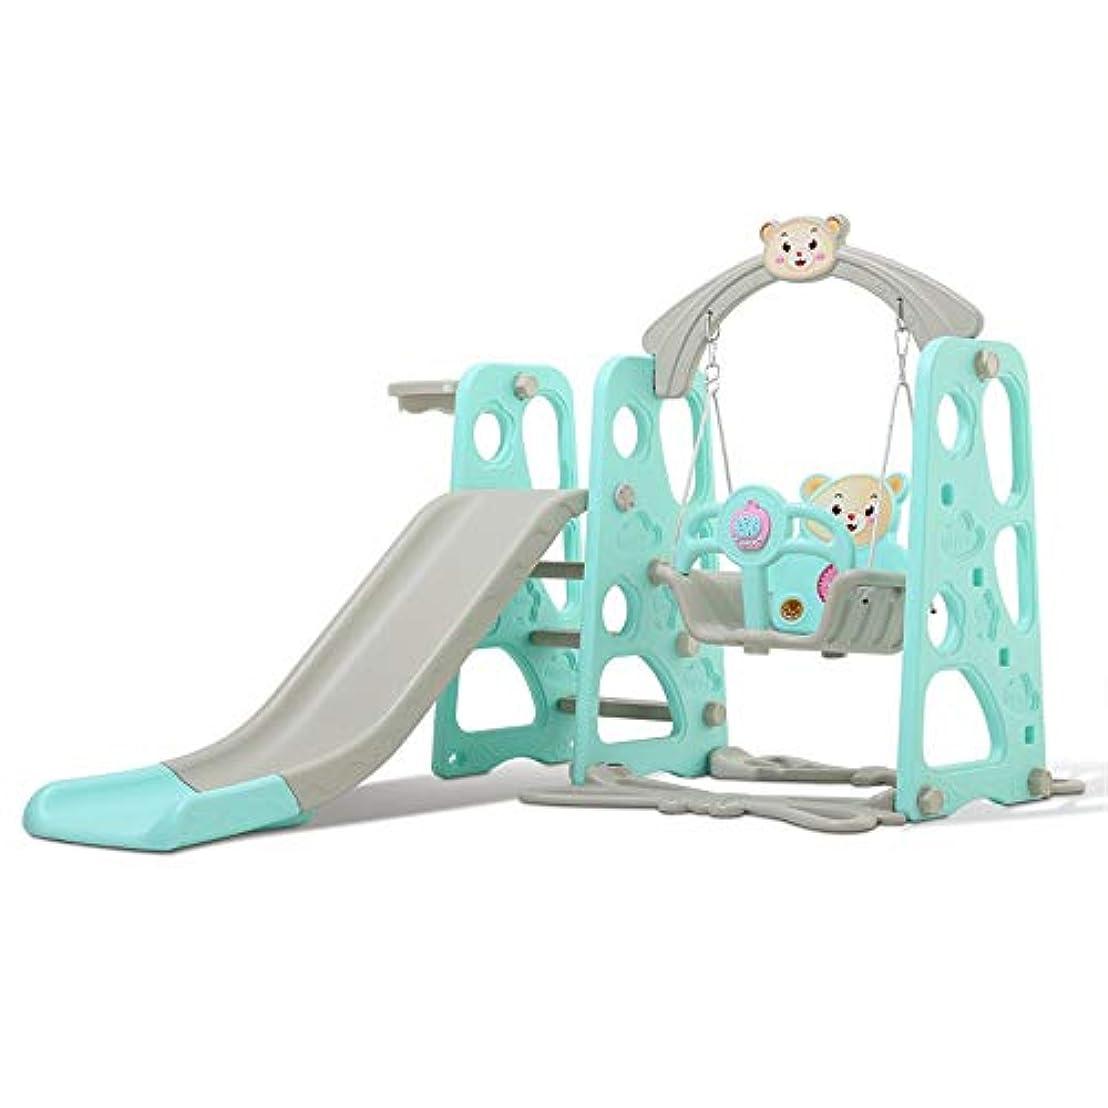 迫害する七時半革新耐久性に優れたスリーインワンスライド屋内幼児は、子供の年齢1-10シチュエーション、男の子と女の子のための家族のスライド遊び場、理想的なギフトを再生します - 室内 室外 遊具 大型遊具 (色 : 緑, サイズ : 175x150x118cm)